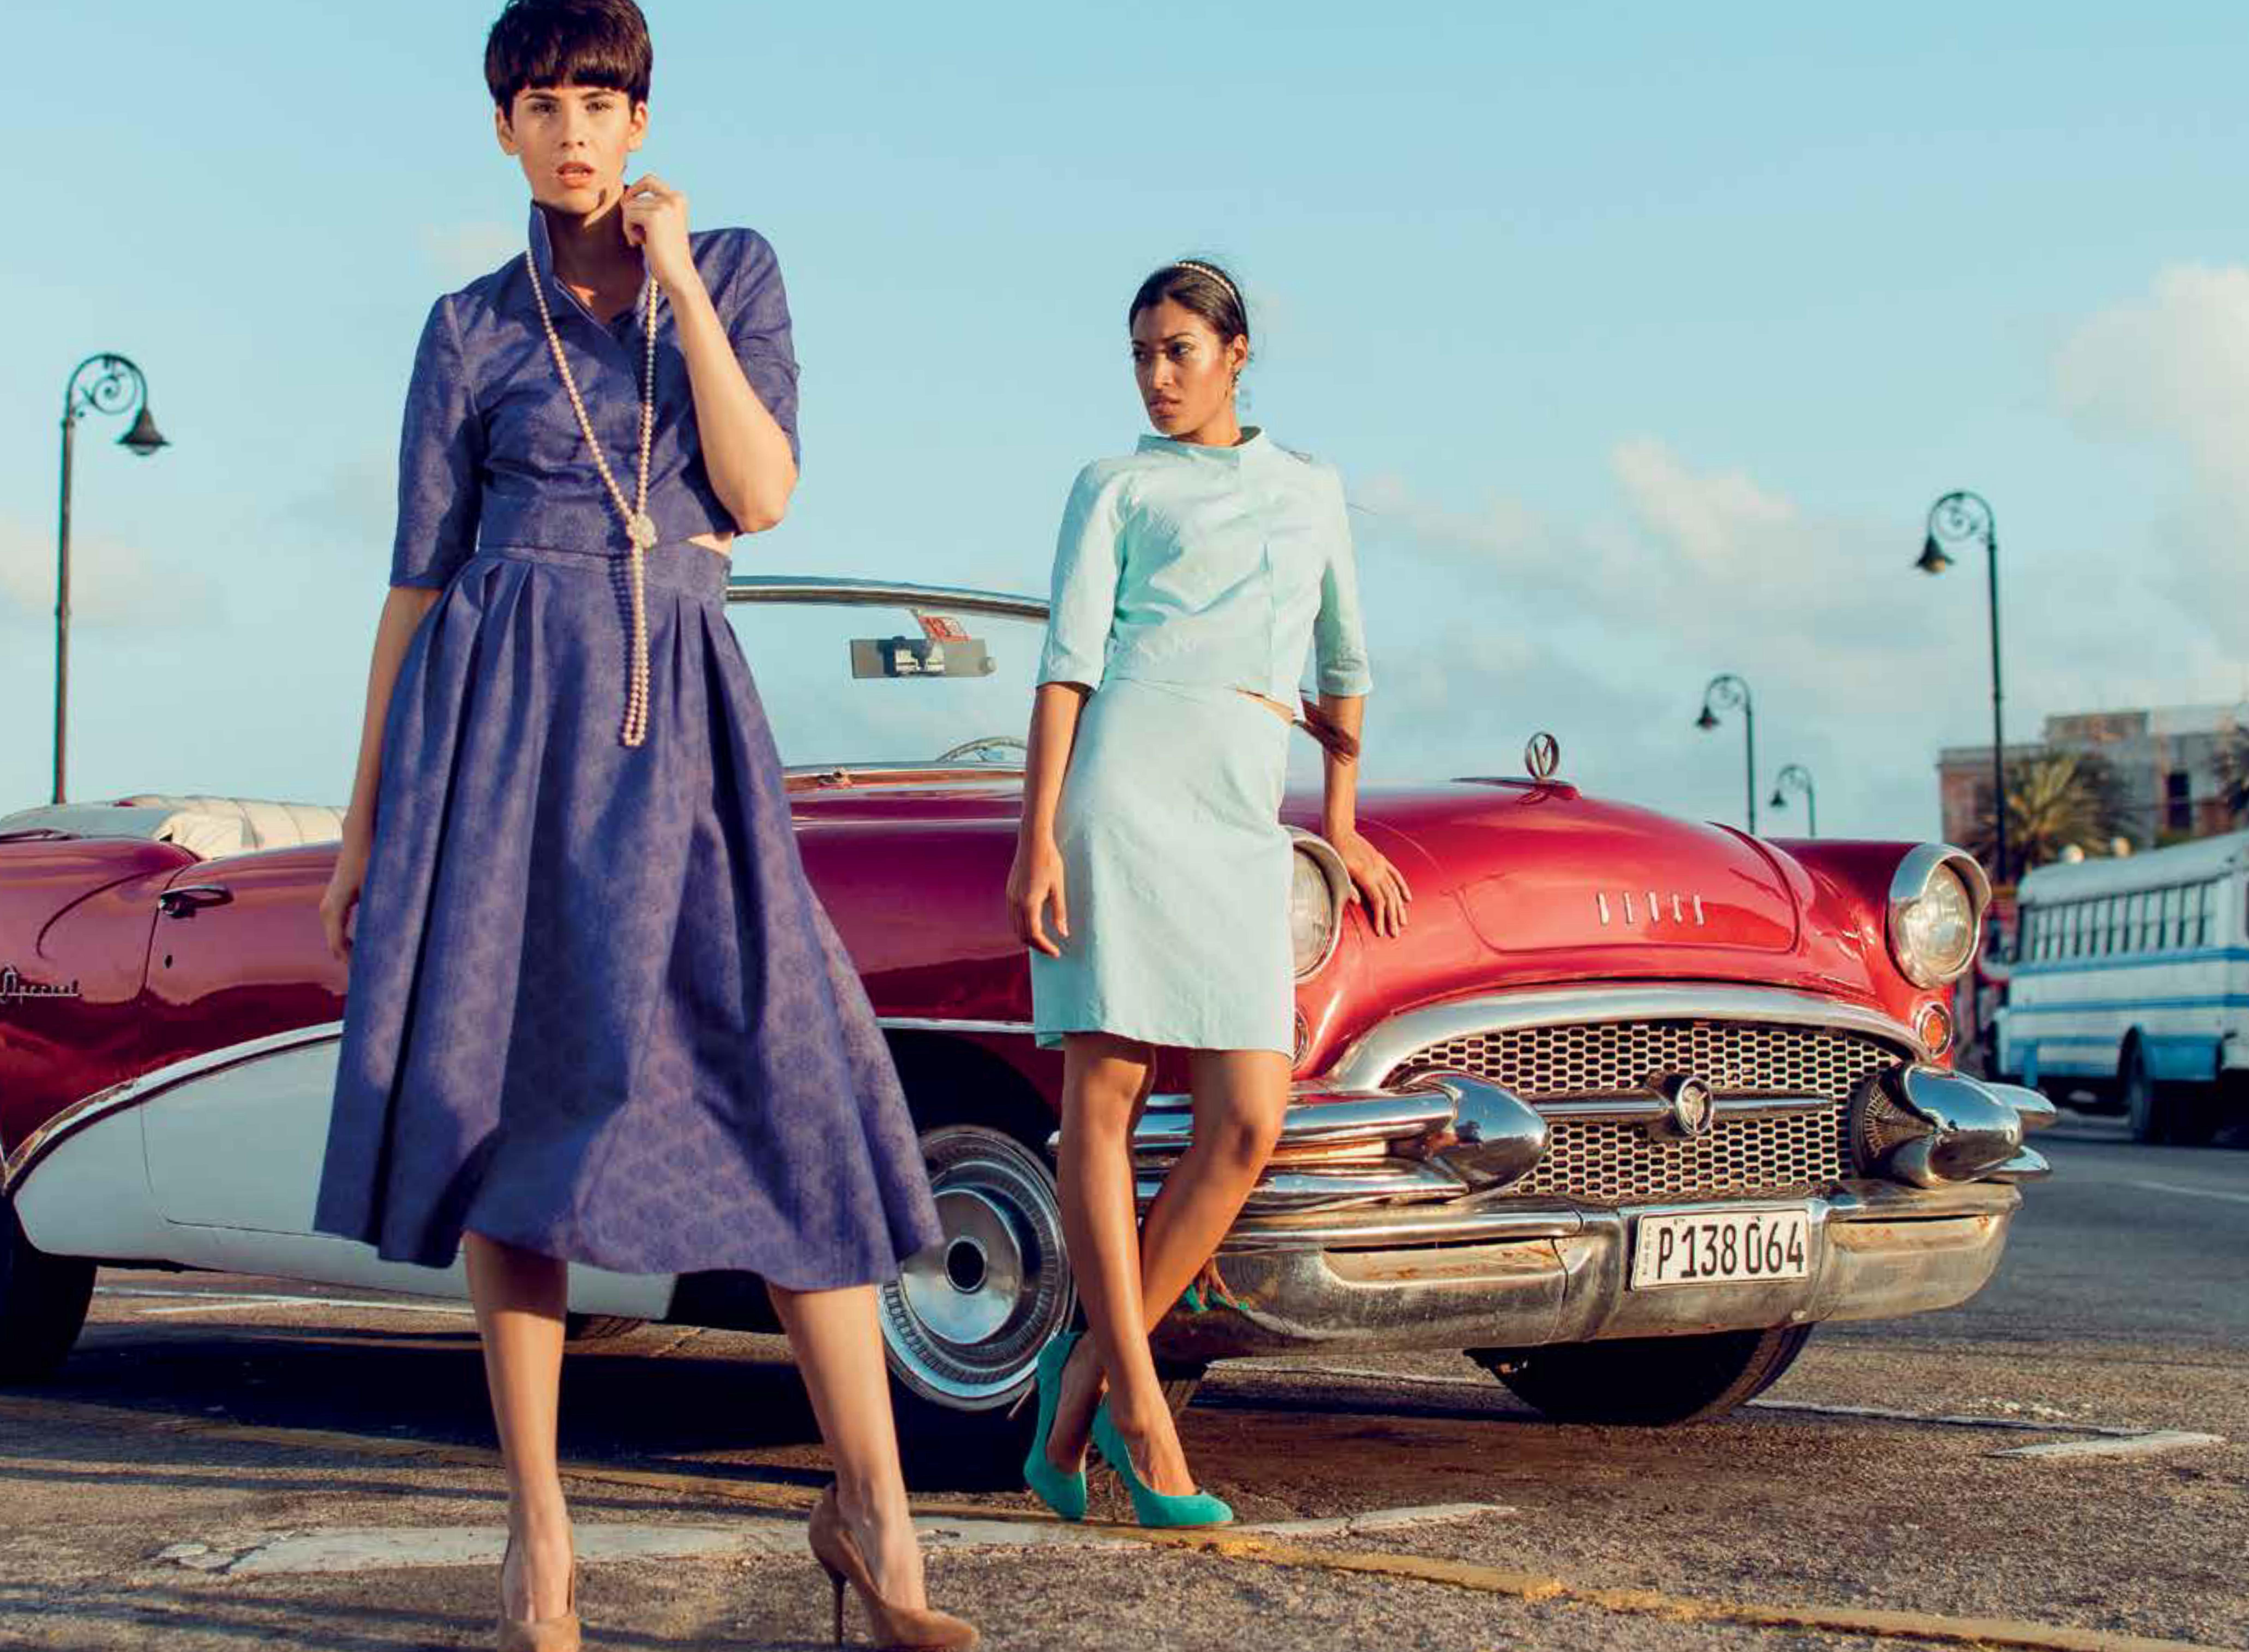 Сбор заказов. Грандиозная распродажа! Женская одежда YARASH и YARMINA. Брюки, юбки, платья, жакеты от 100 руб